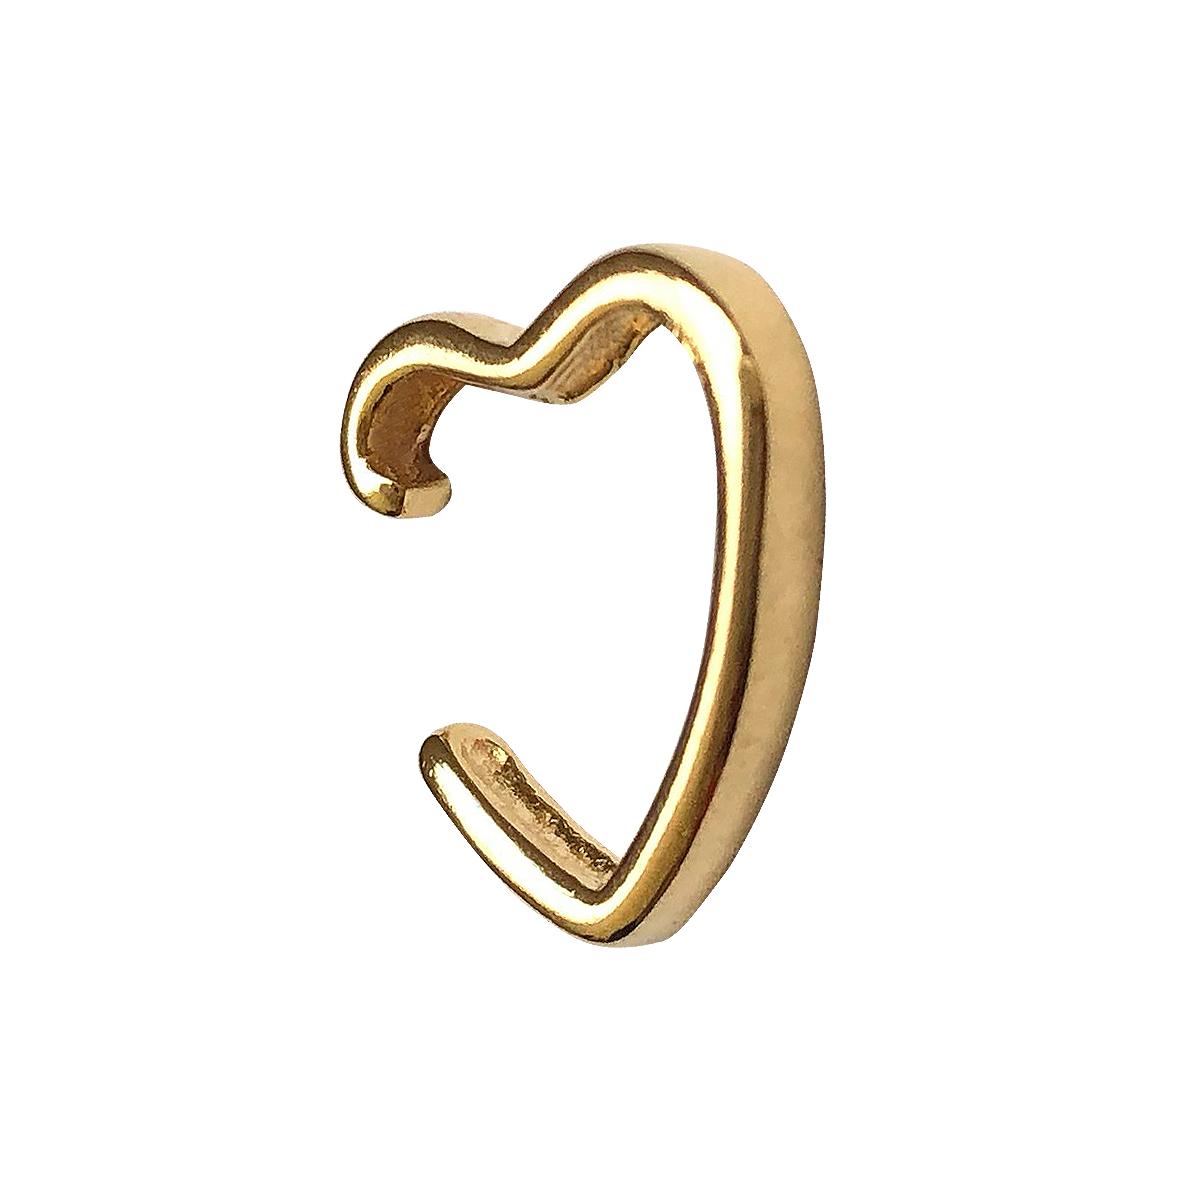 Piercing de pressão tubo liso fino formato coração folheado em ouro 18k